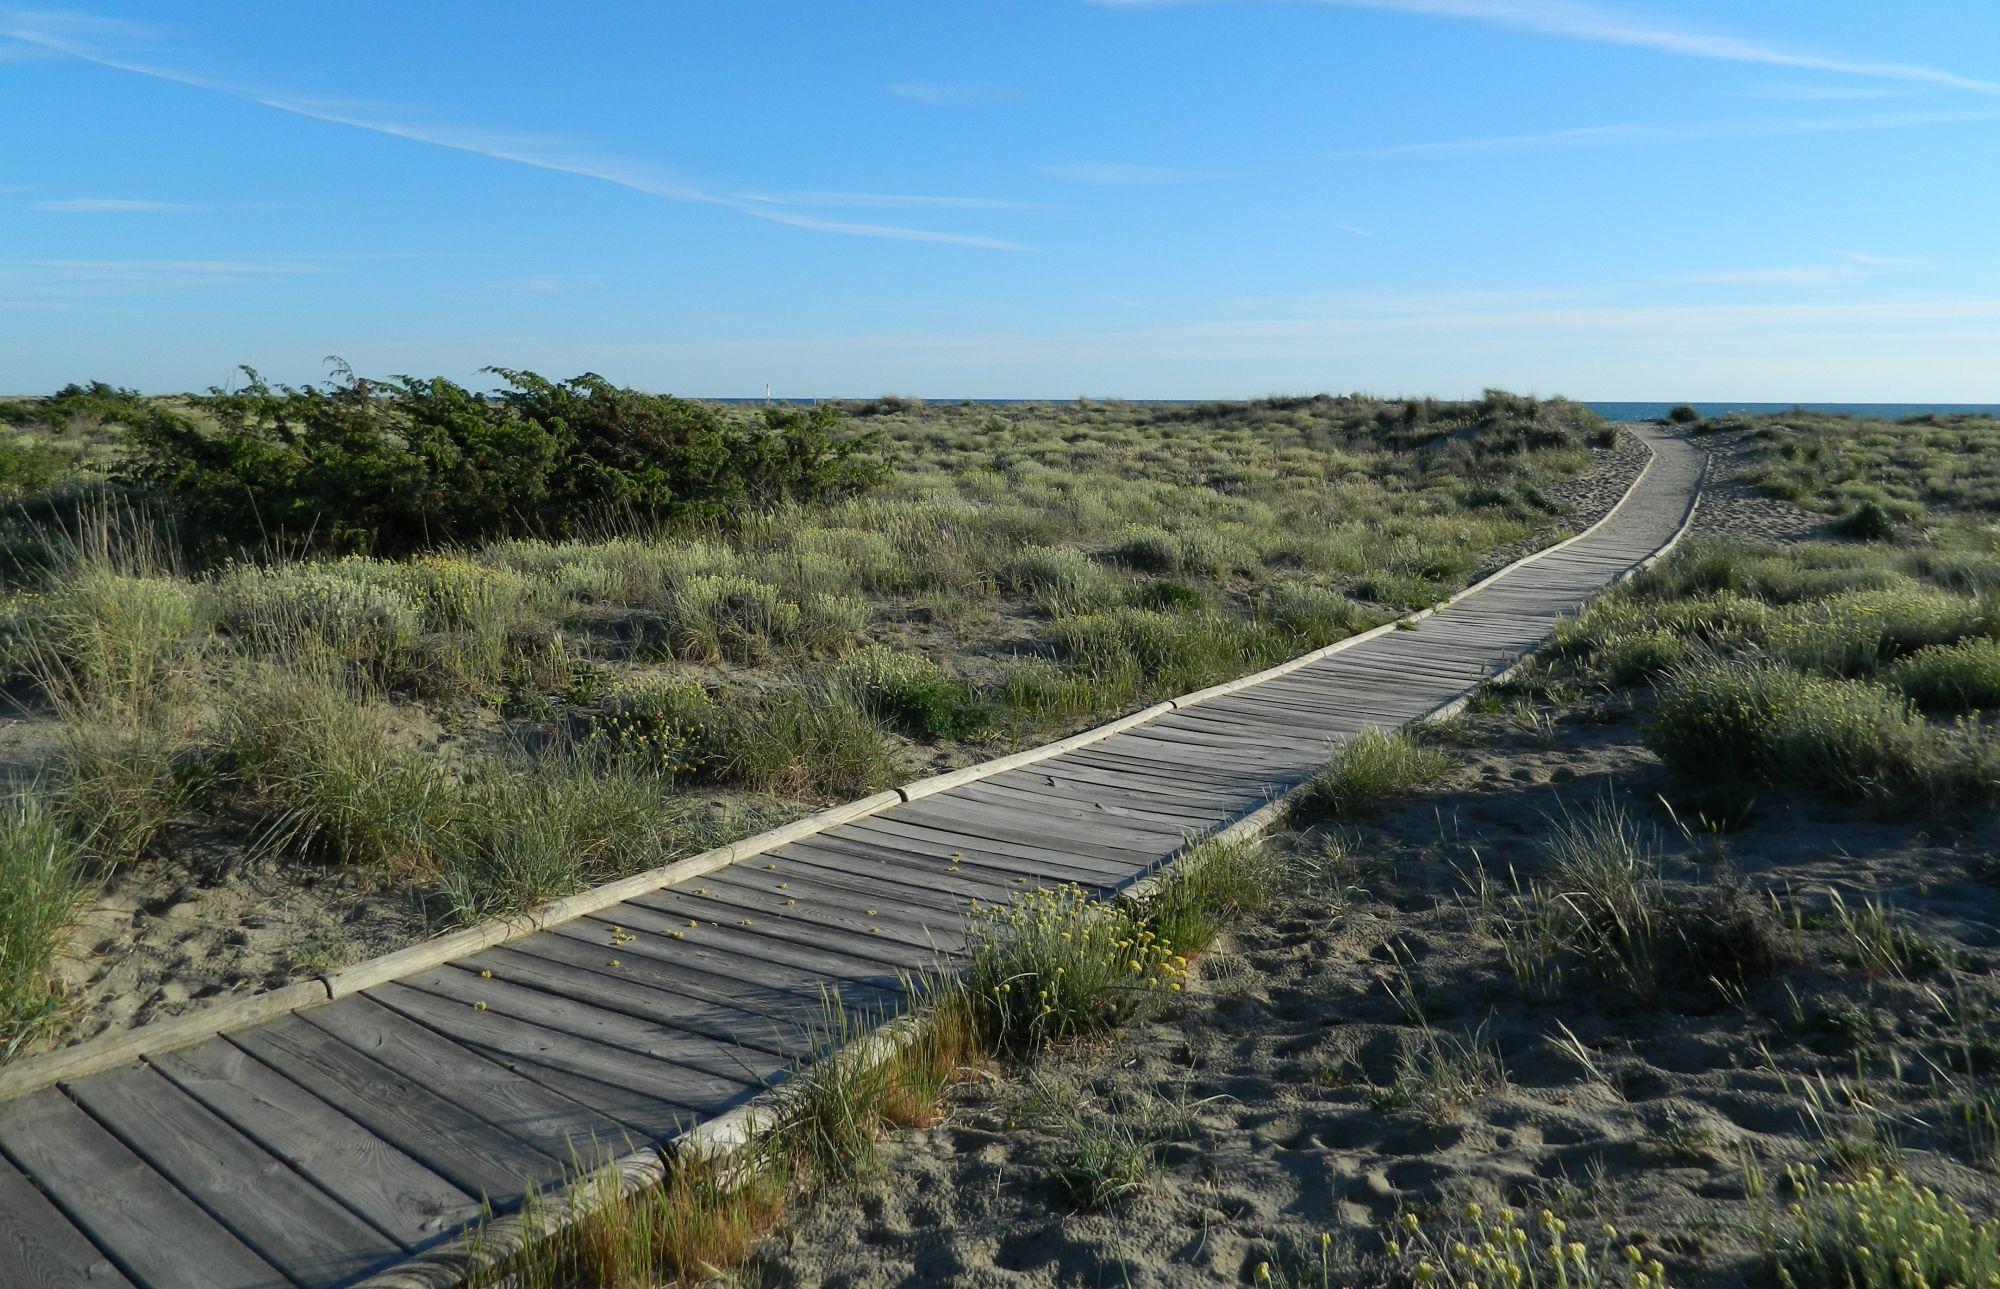 Ciclovia tra le dune: la risposta di Legambiente